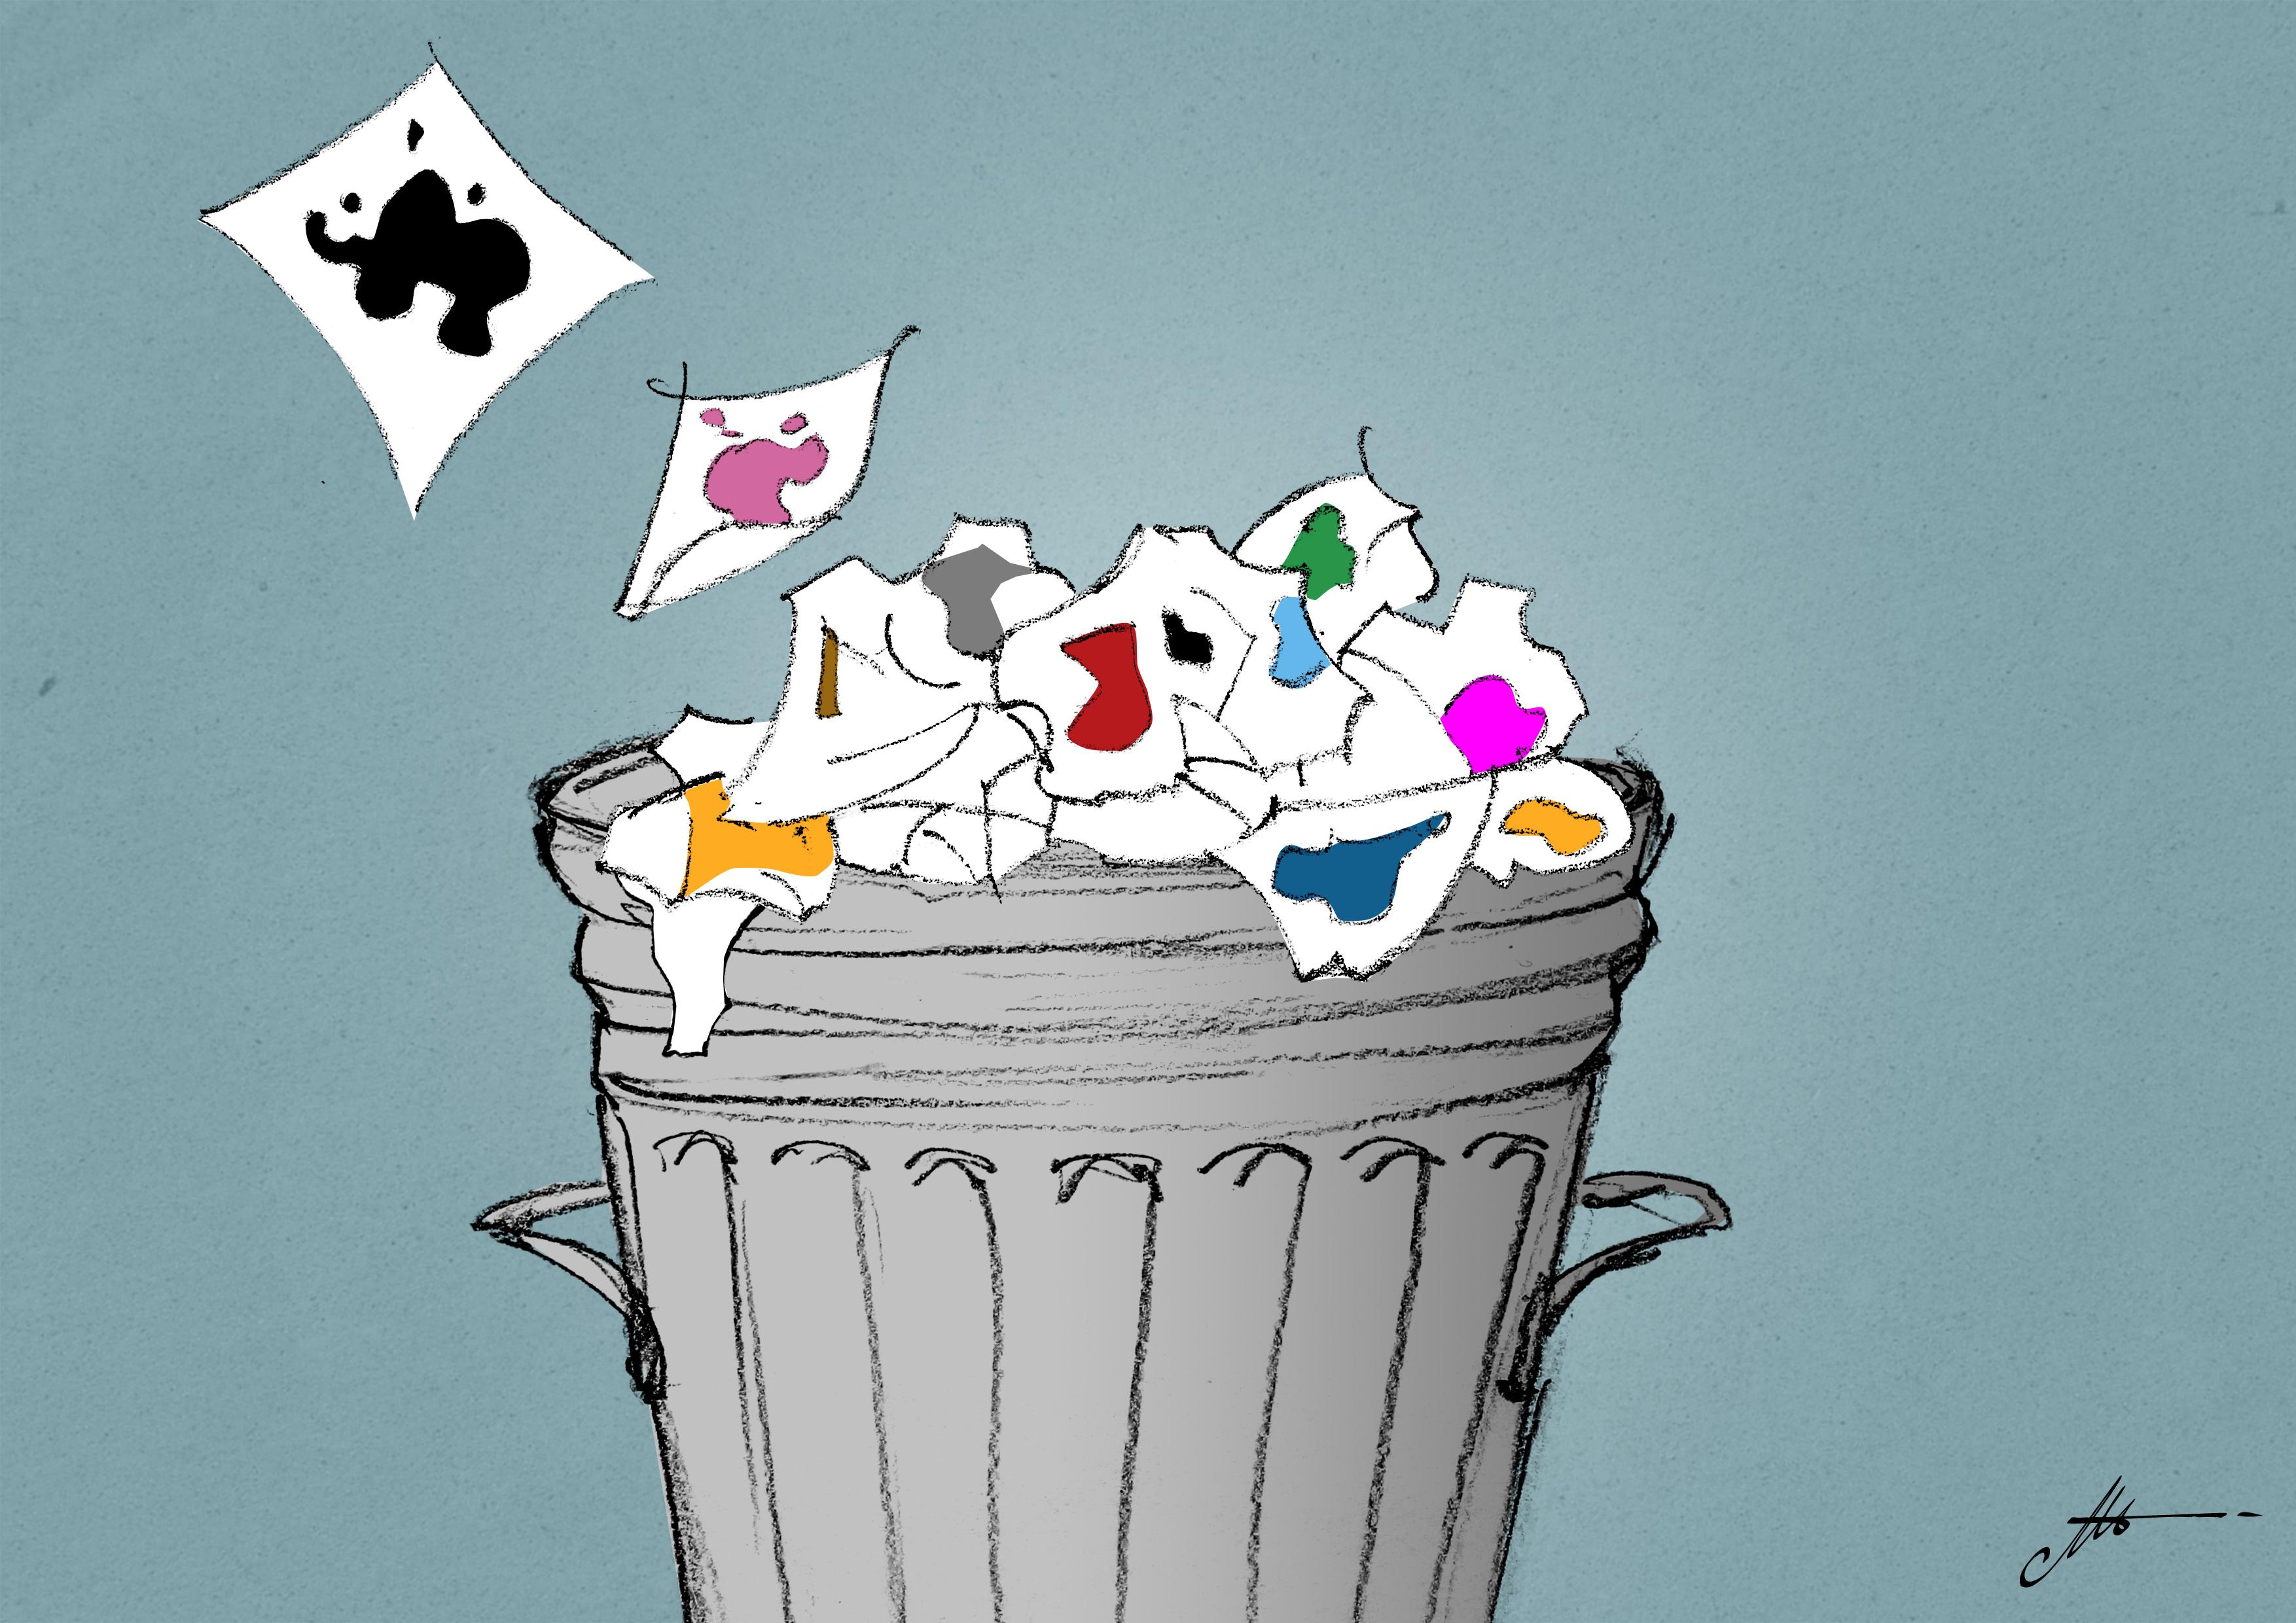 Comment éliminer le papier souillé d'encre de sérigraphie